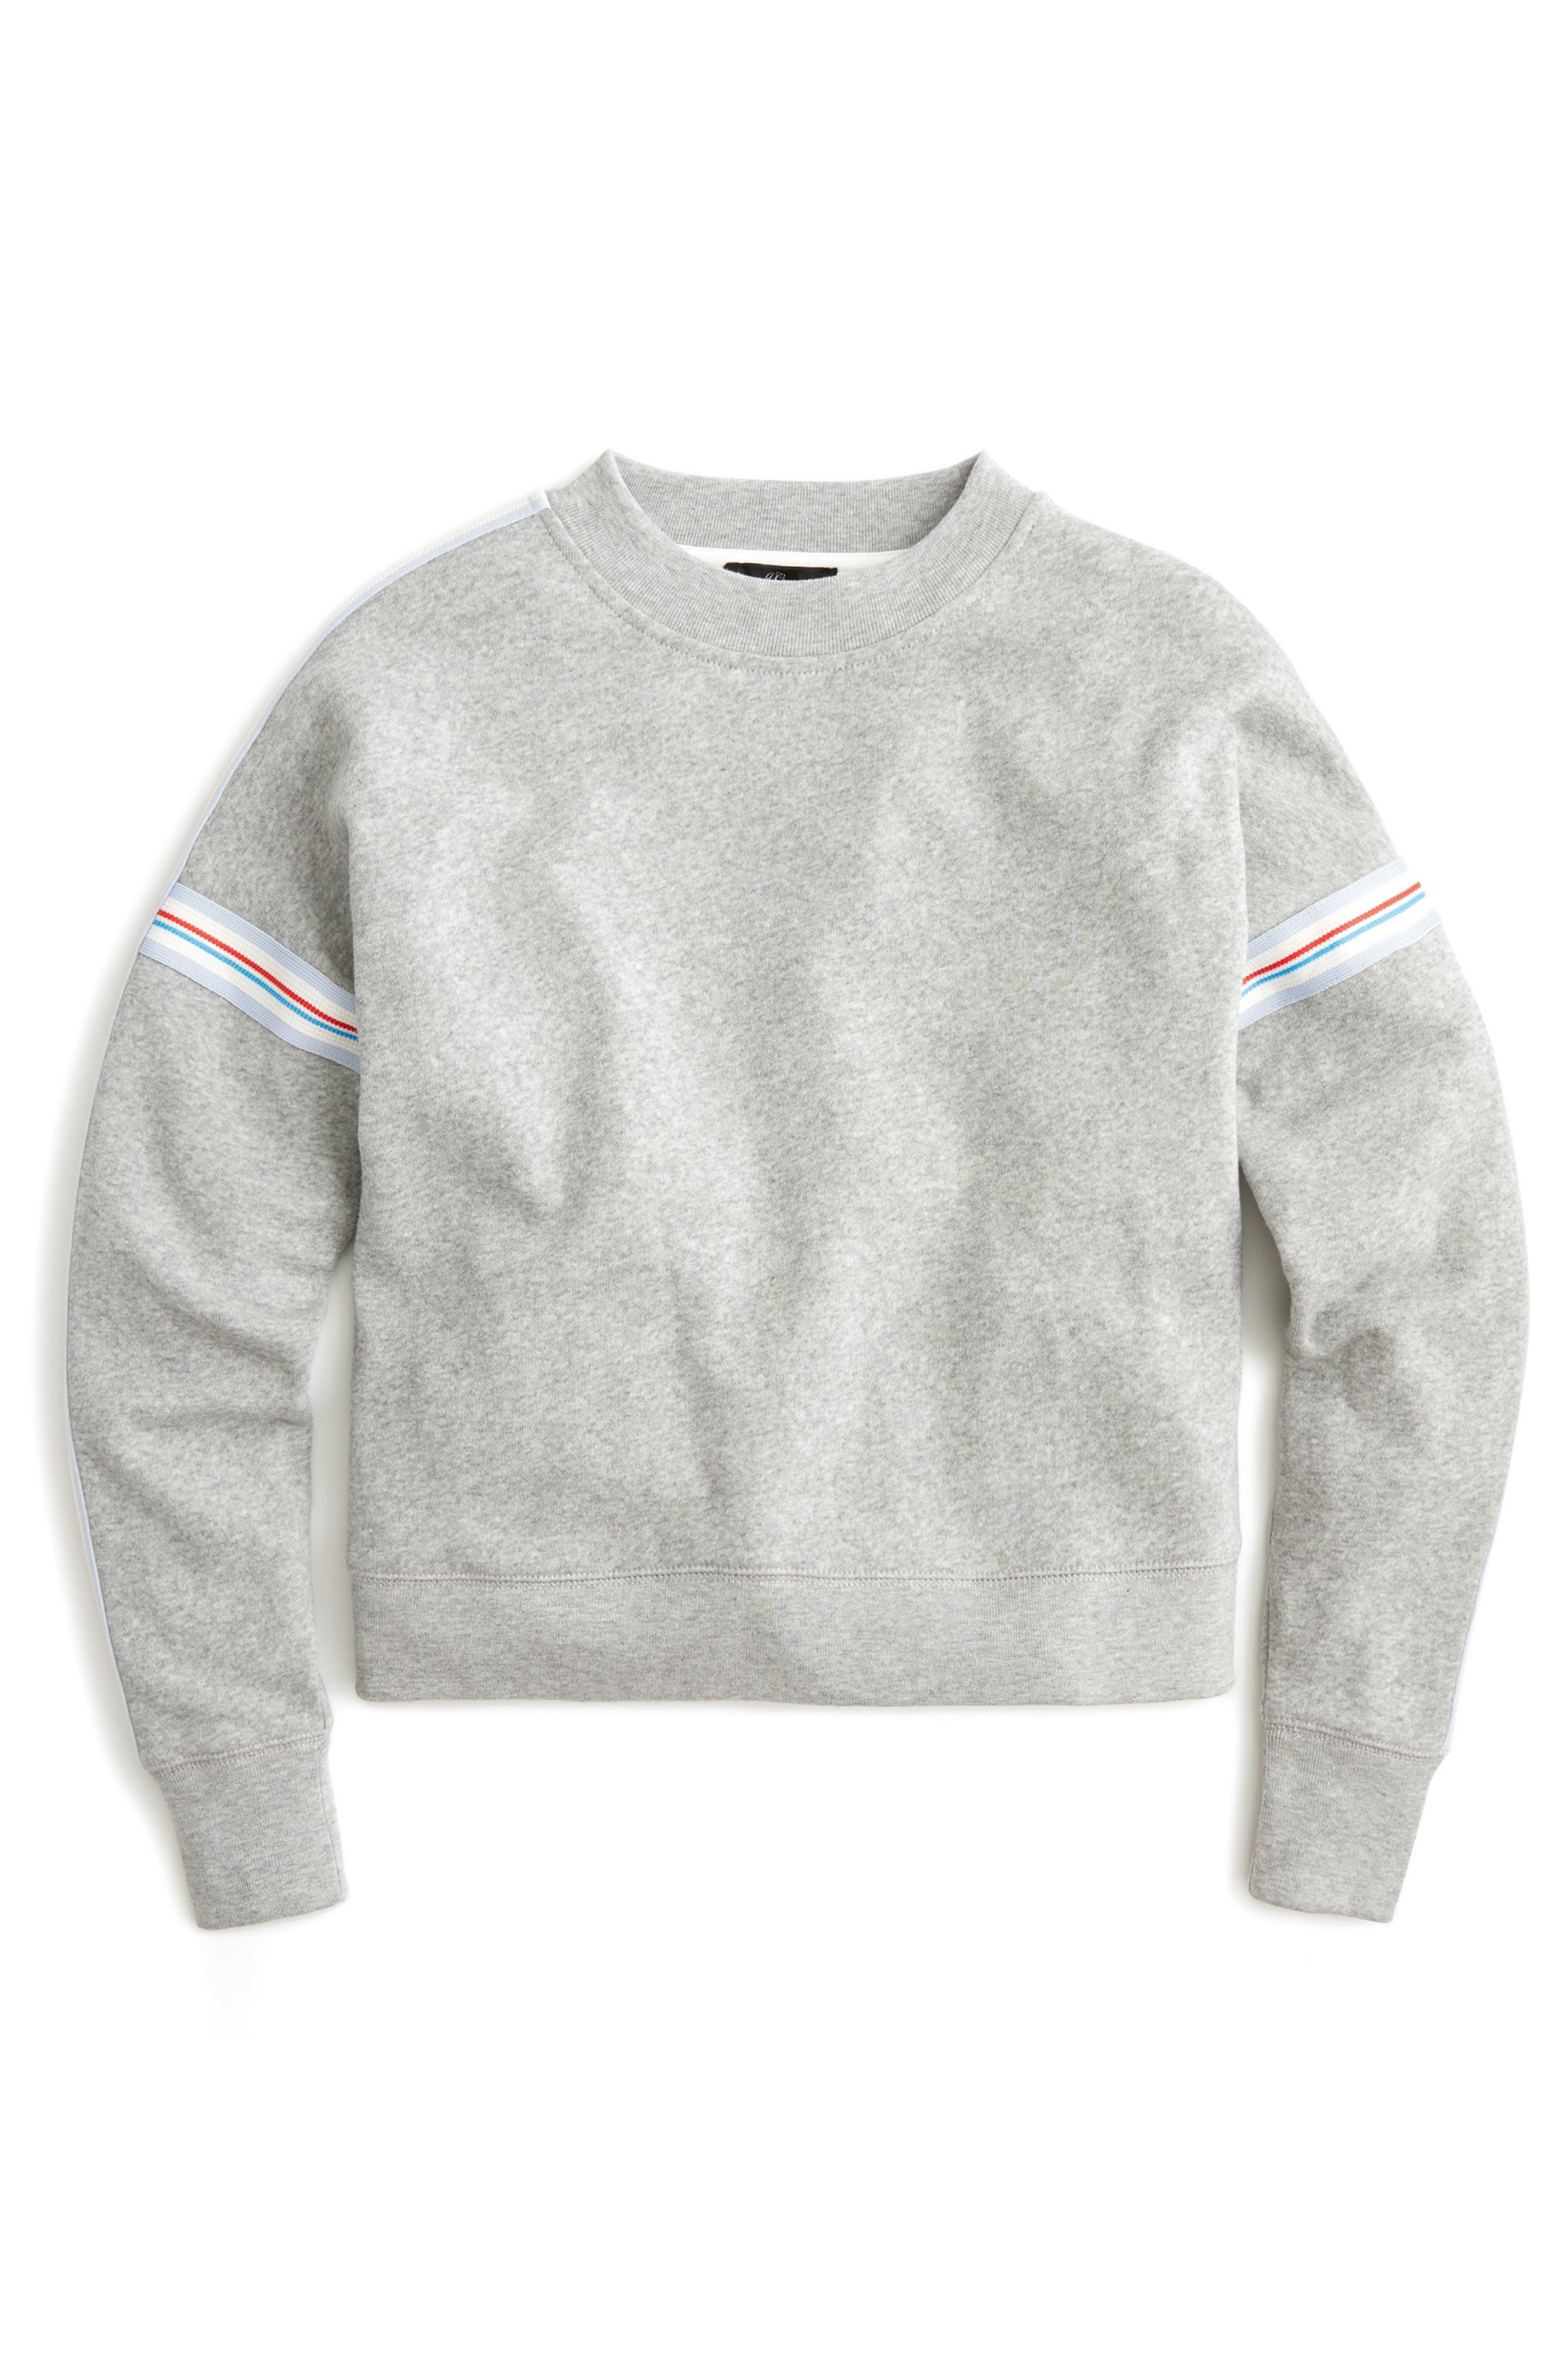 J.crew Racing Stripes Crop Crewneck Sweatshirt